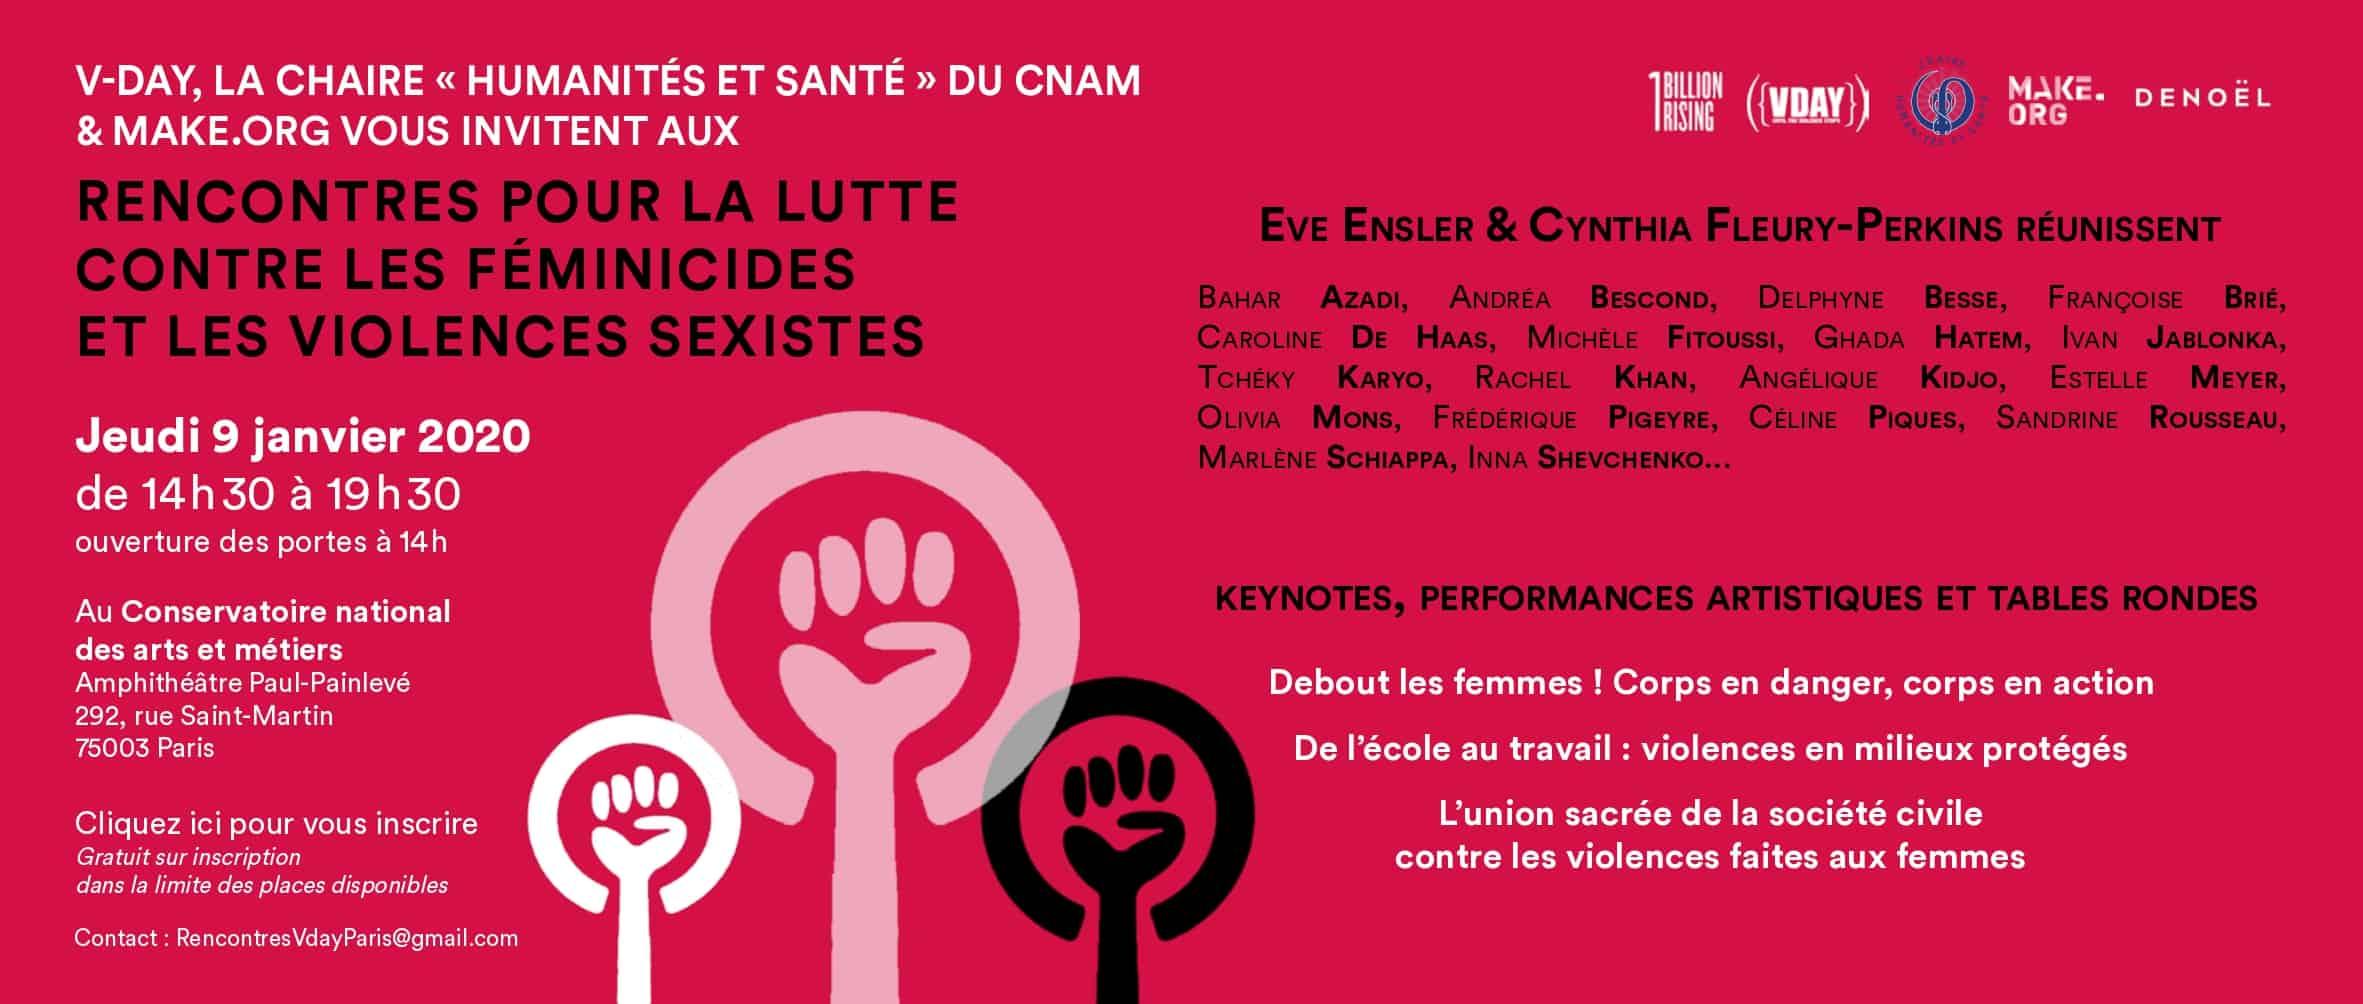 """Jeudi 9 janvier à 14h30 """"Rencontres pour la lutte contre les féminicides et les violences sexistes"""""""